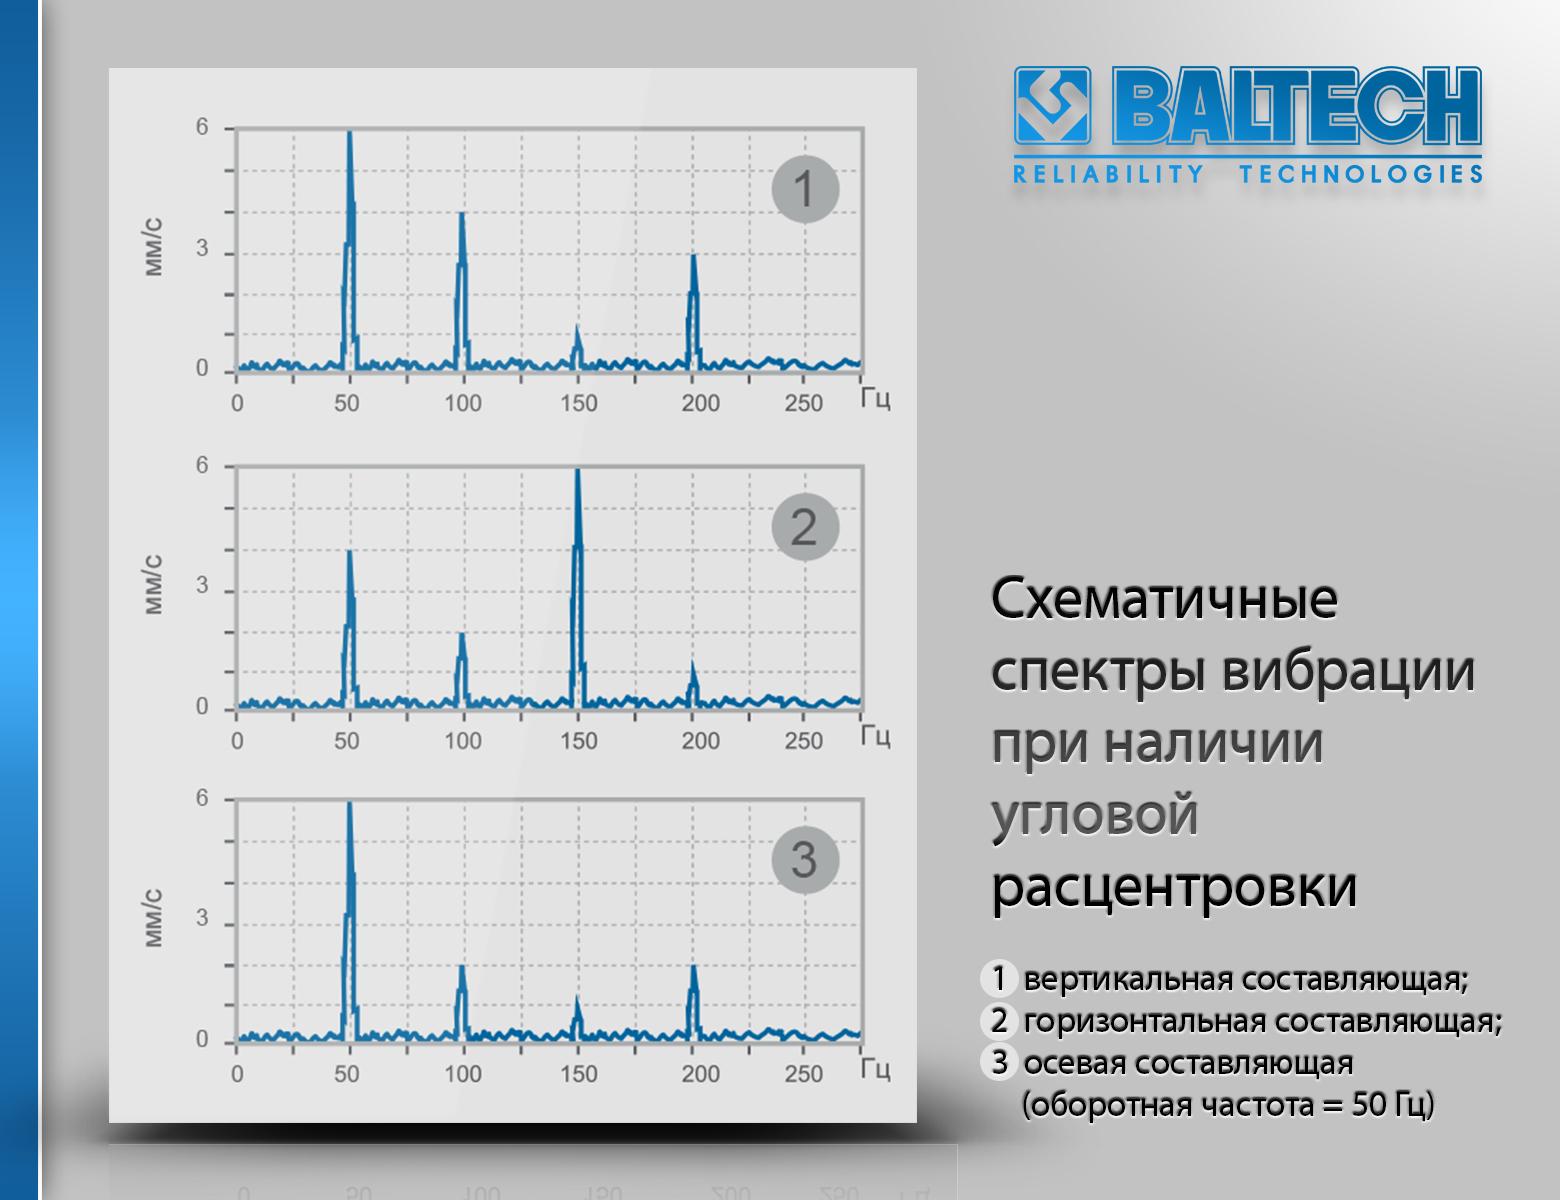 Схематичные спектры вибрации при наличии параллельной расцентровки, диагностические признаки несоосности валов